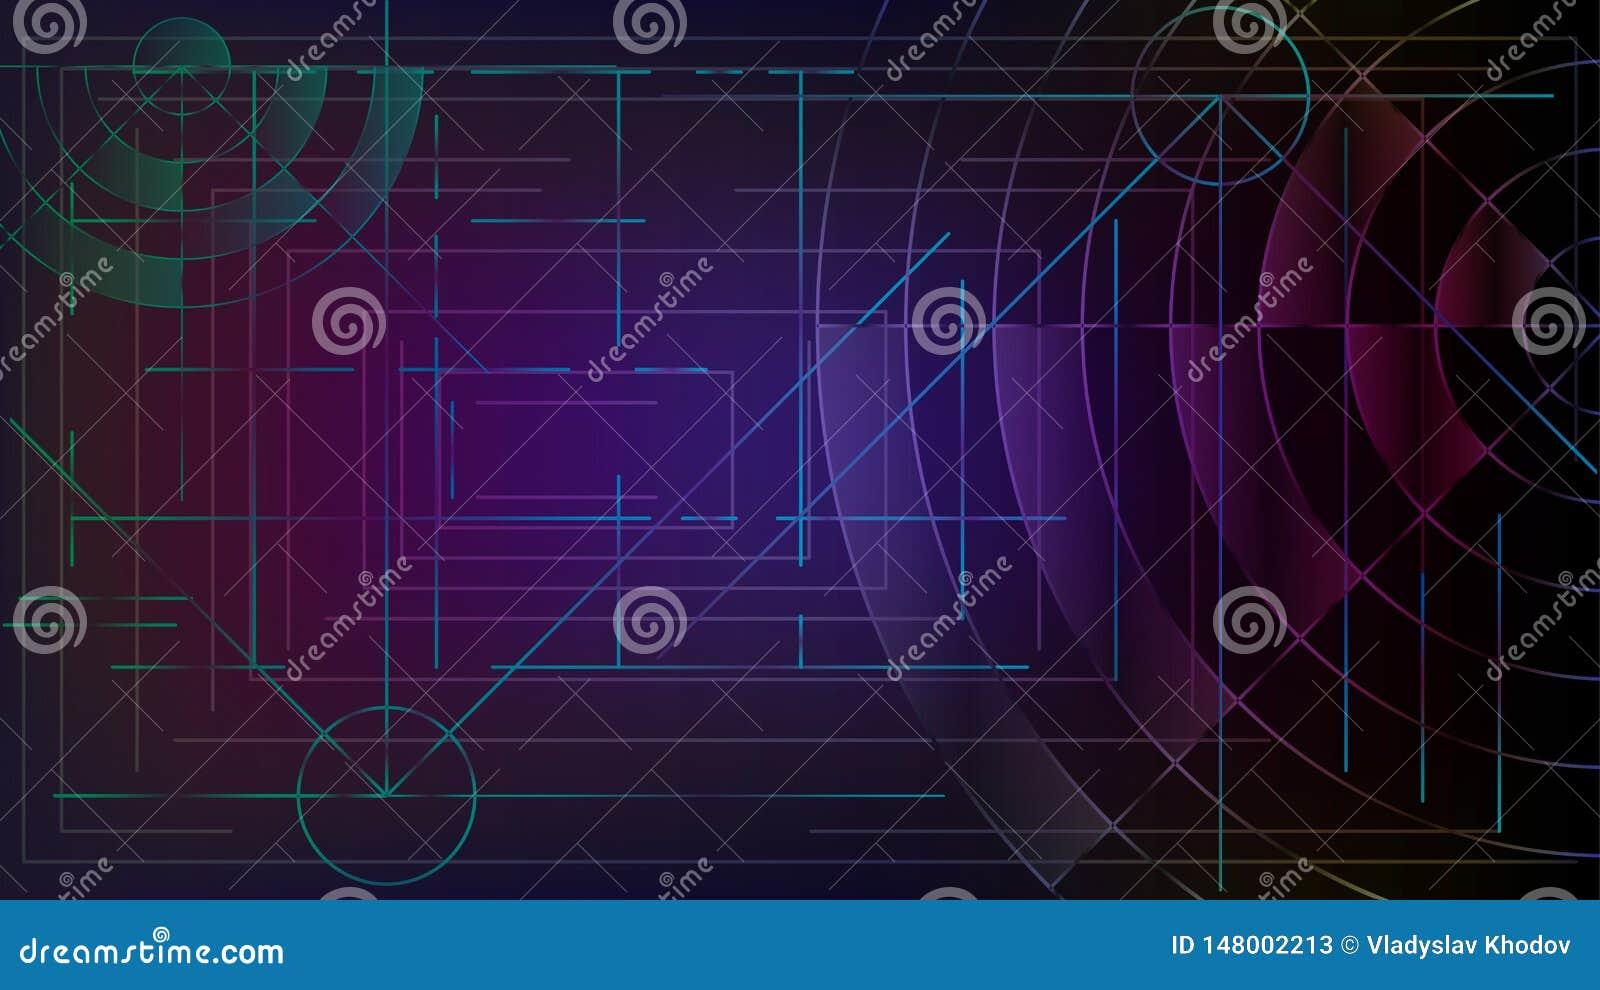 Αφαίρεση Τεμνόμενα γραμμές και κύματα Χάραξη ενός συγκροτήματος ηλεκτρονικών υπολογιστών